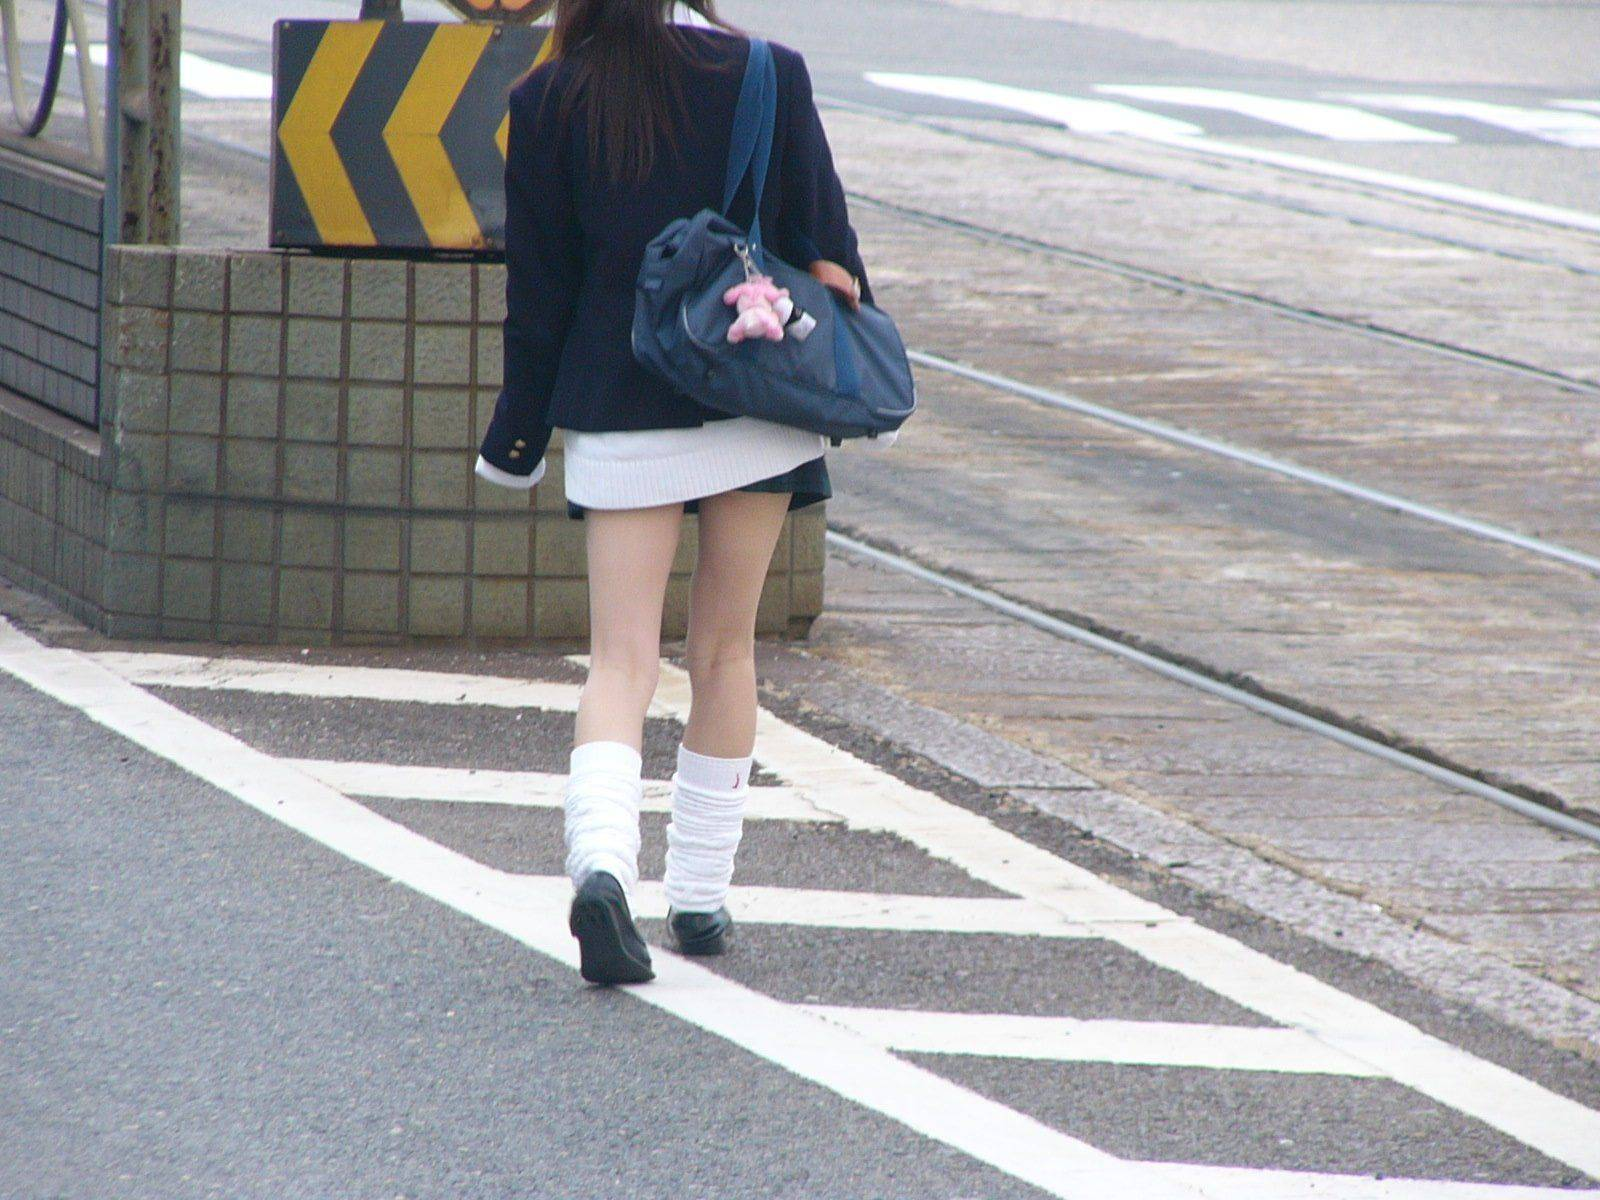 美白の綺麗な生足のJKを後から隠し撮り!